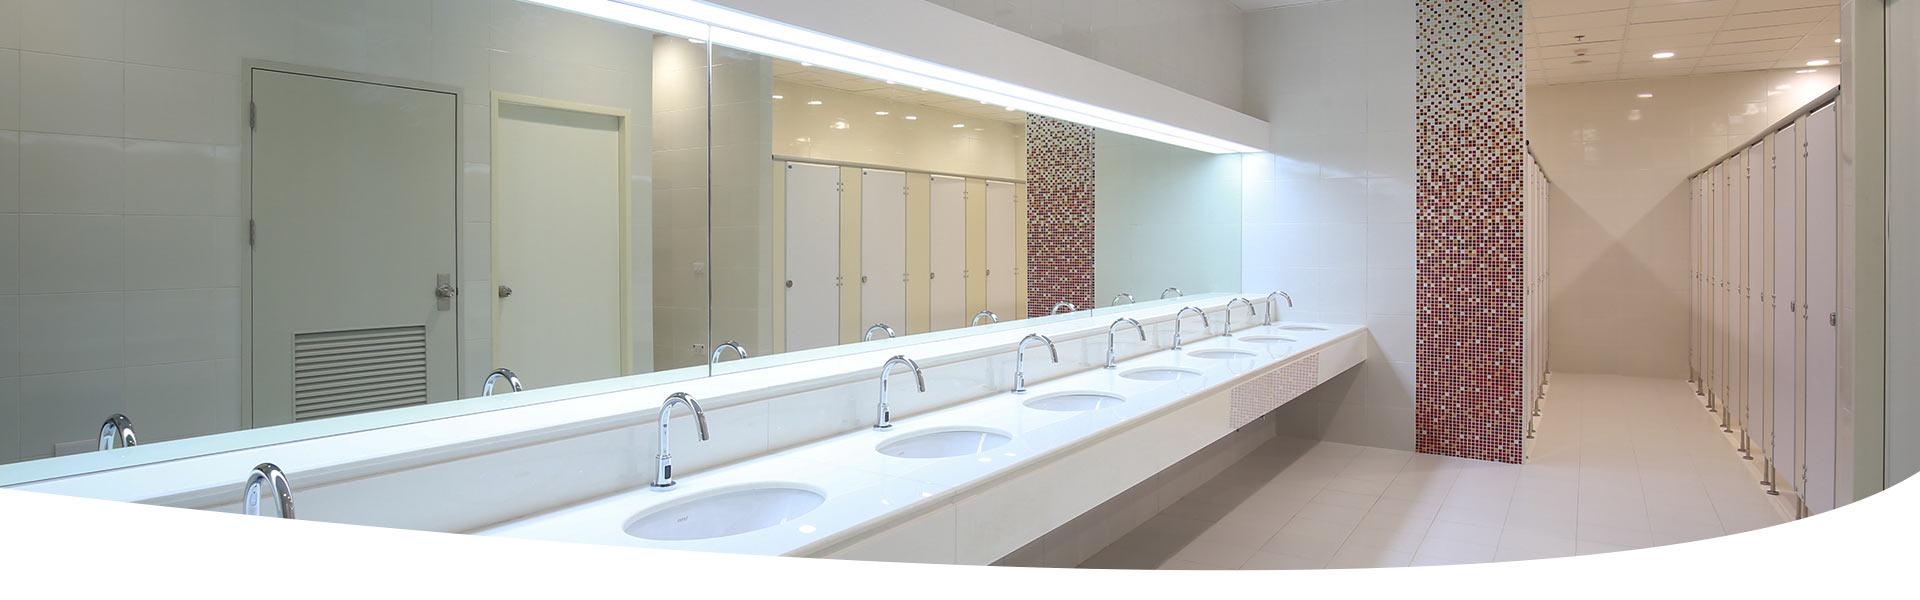 Sanitäranlagen / Sanitärtechnik